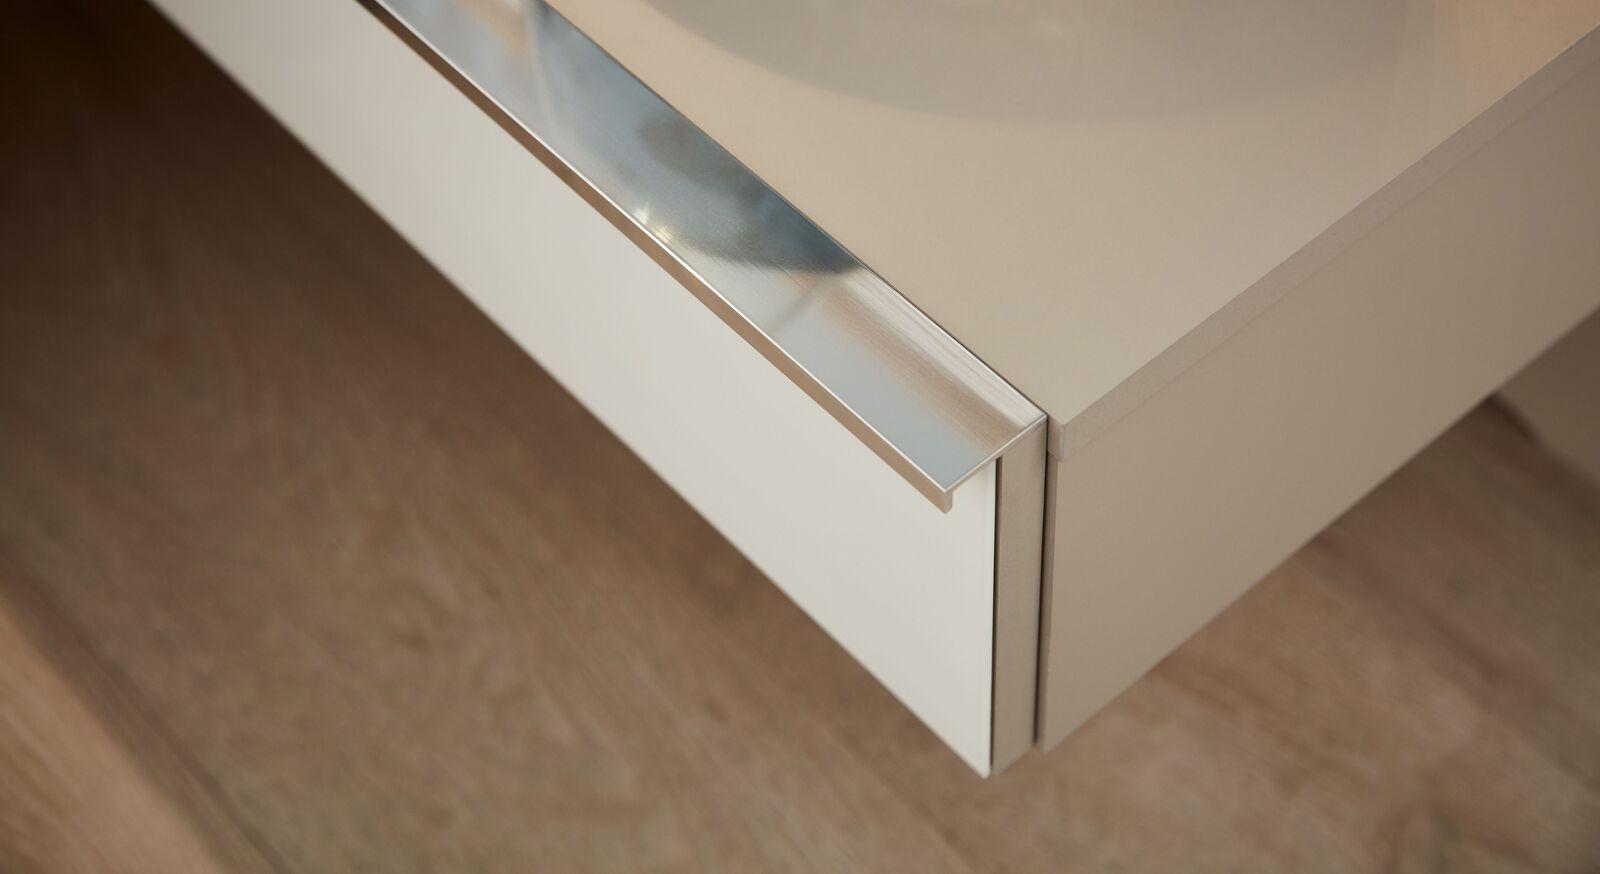 INTERLIVING Schwebenachttisch 1009 mit verchromten Griff sorgfältig verarbeitet